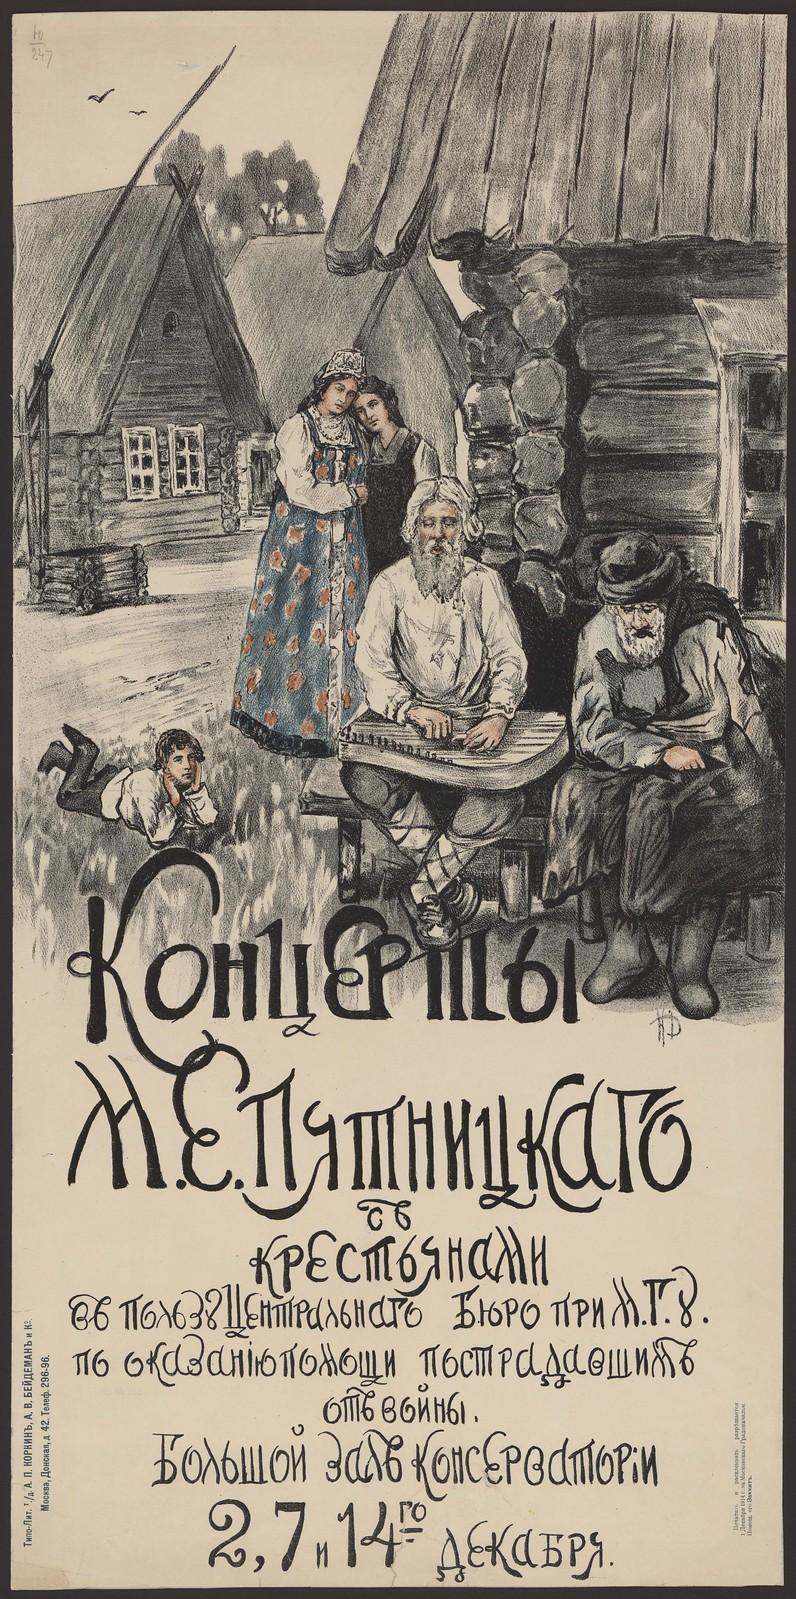 1914. Концерты М. Е. Пятницкого с крестьянами в пользу Центрального Бюро при М. Г. У. по оказанию помощи посрадавшим от войны